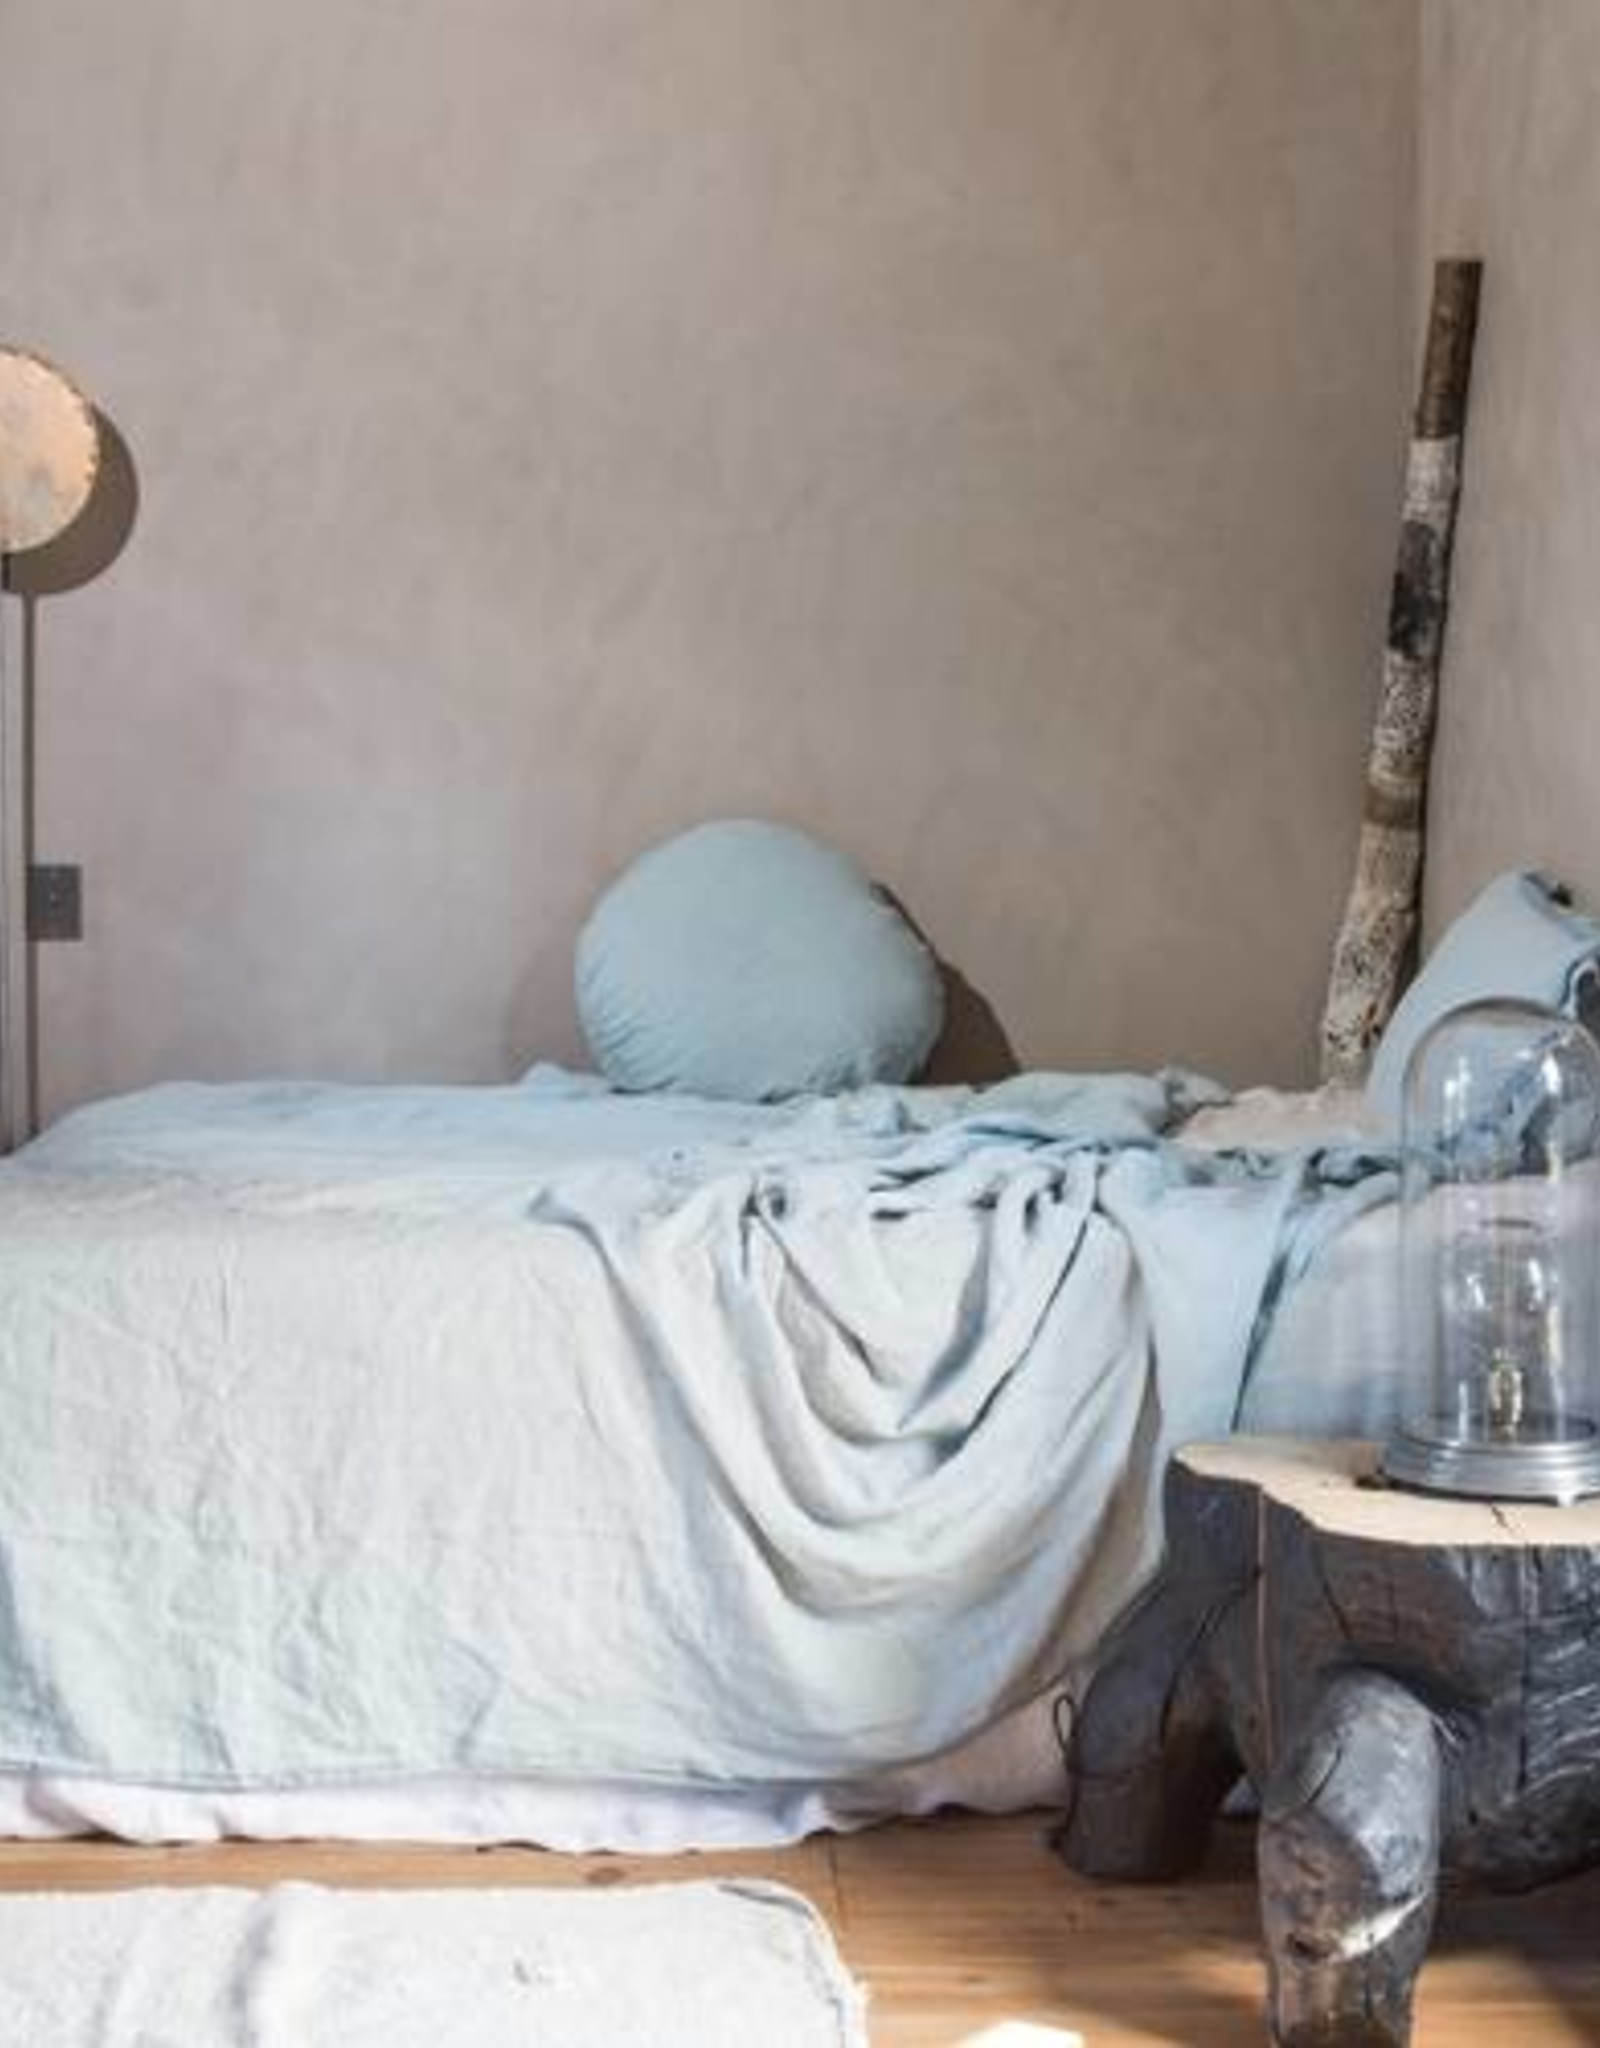 Bed & Philosophy Mercer Aqua - Bed & Philosophy